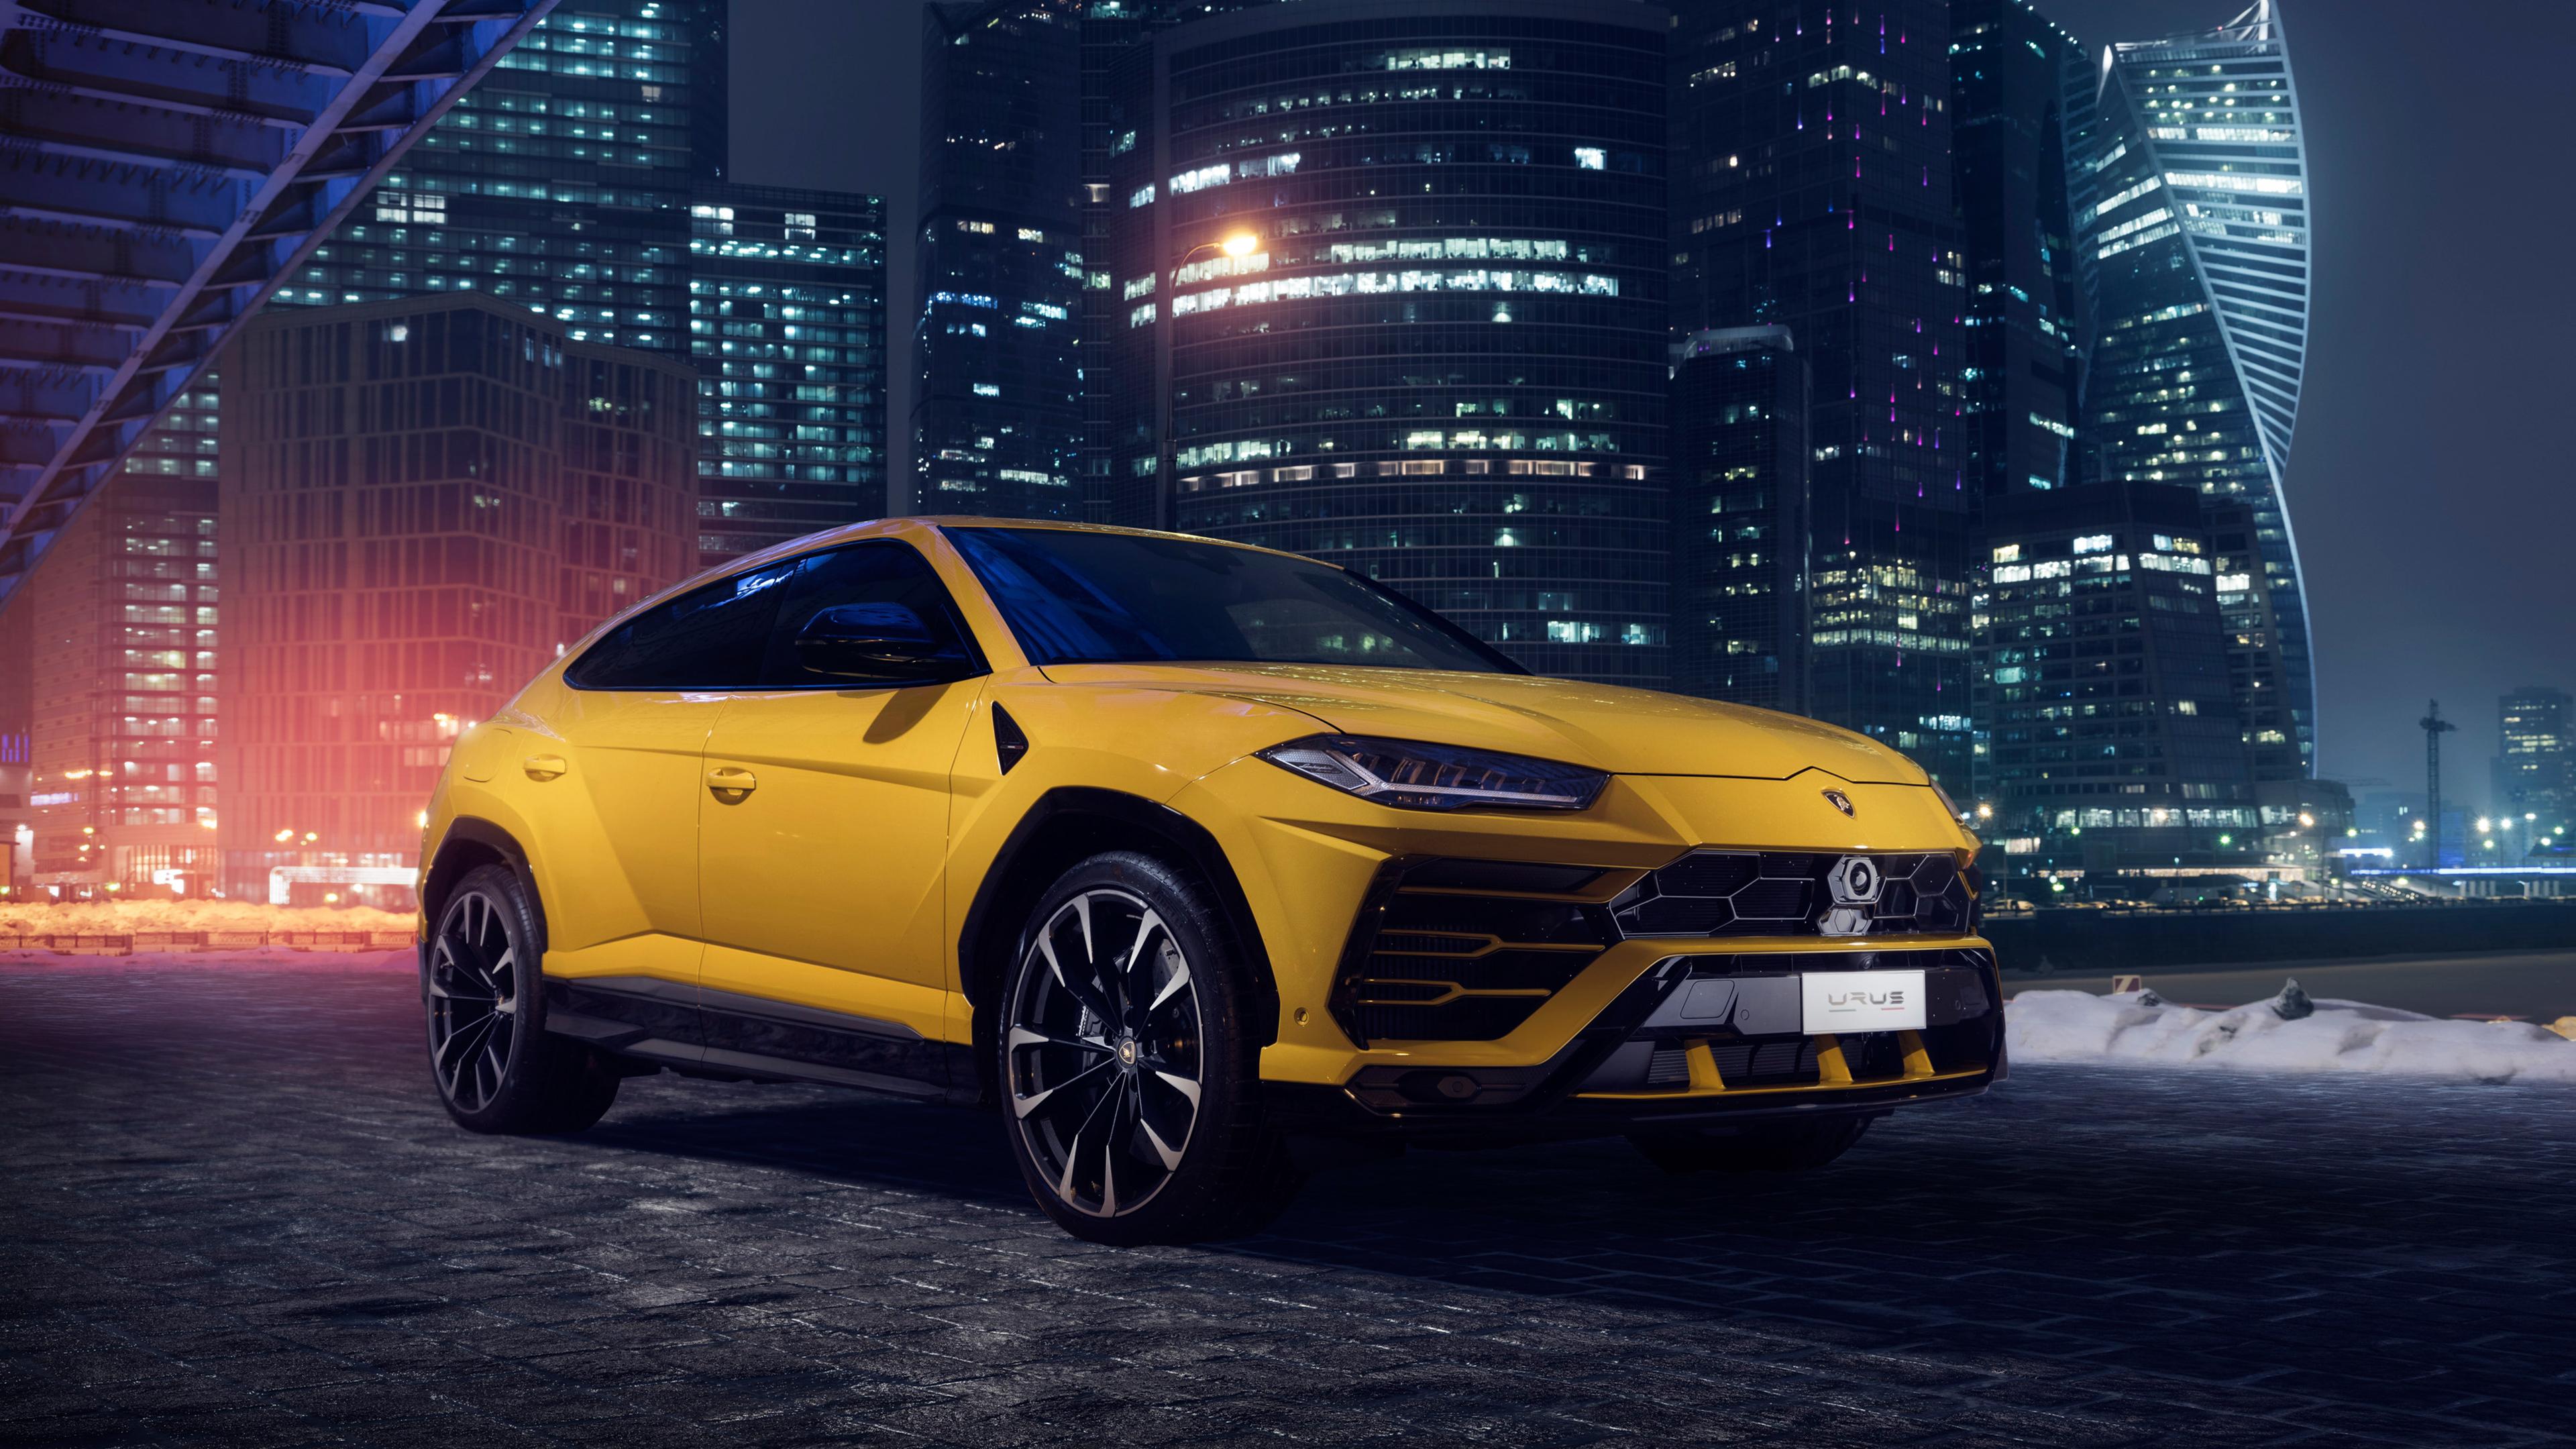 Lamborghini Urus 4k 2018 suv wallpapers, lamborghini ...